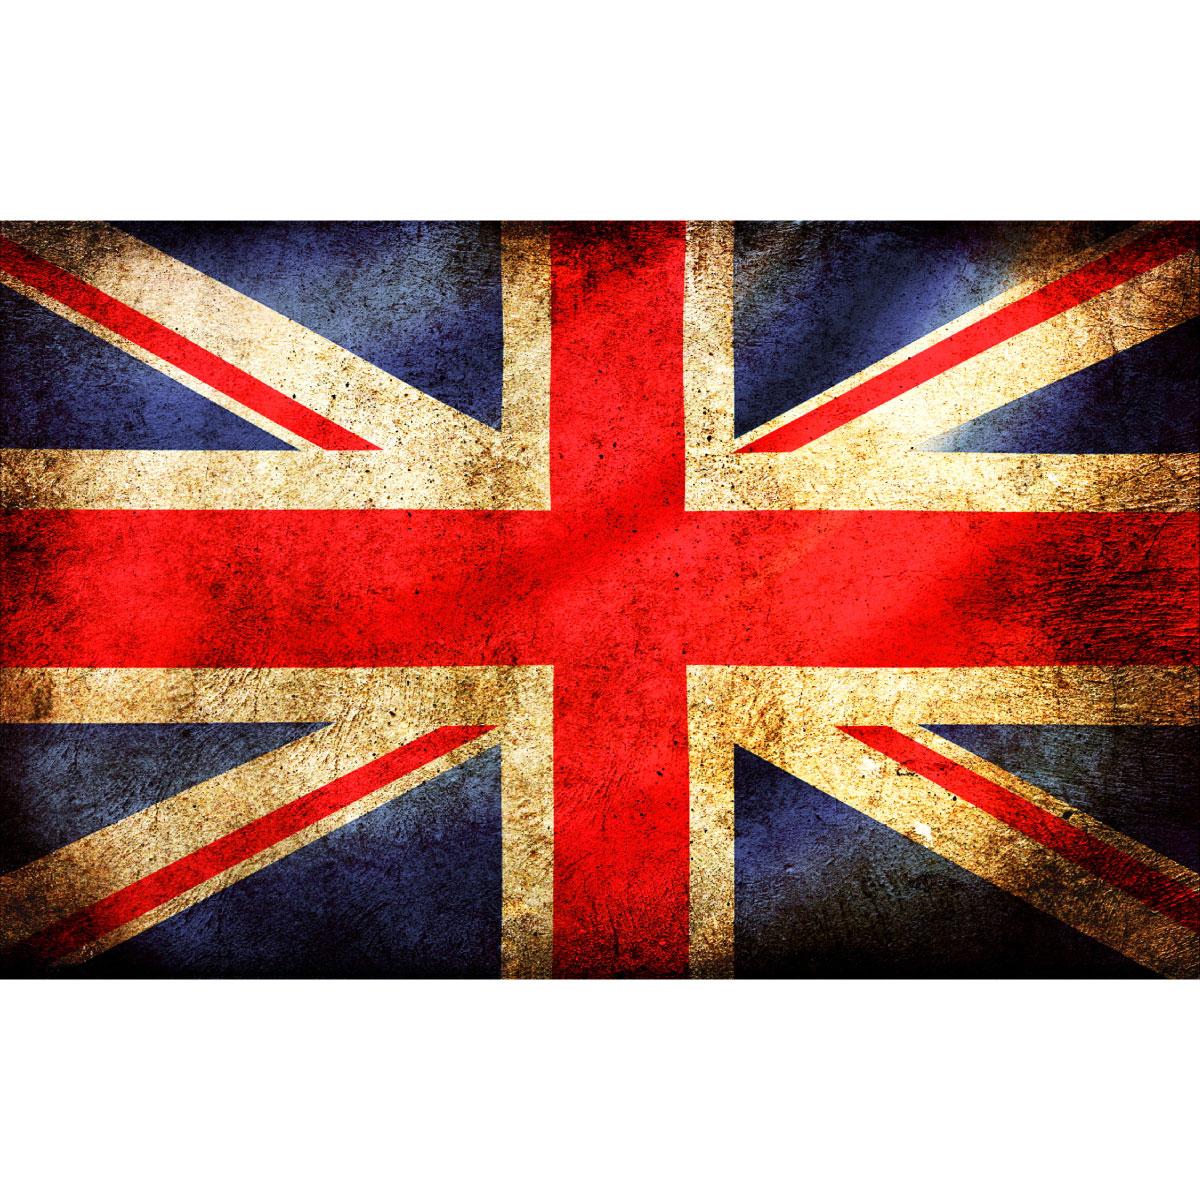 Stickers Muraux Animaux - Sticker Drapeau D'Angleterre dedans Drapeau De L Angleterre À Colorier